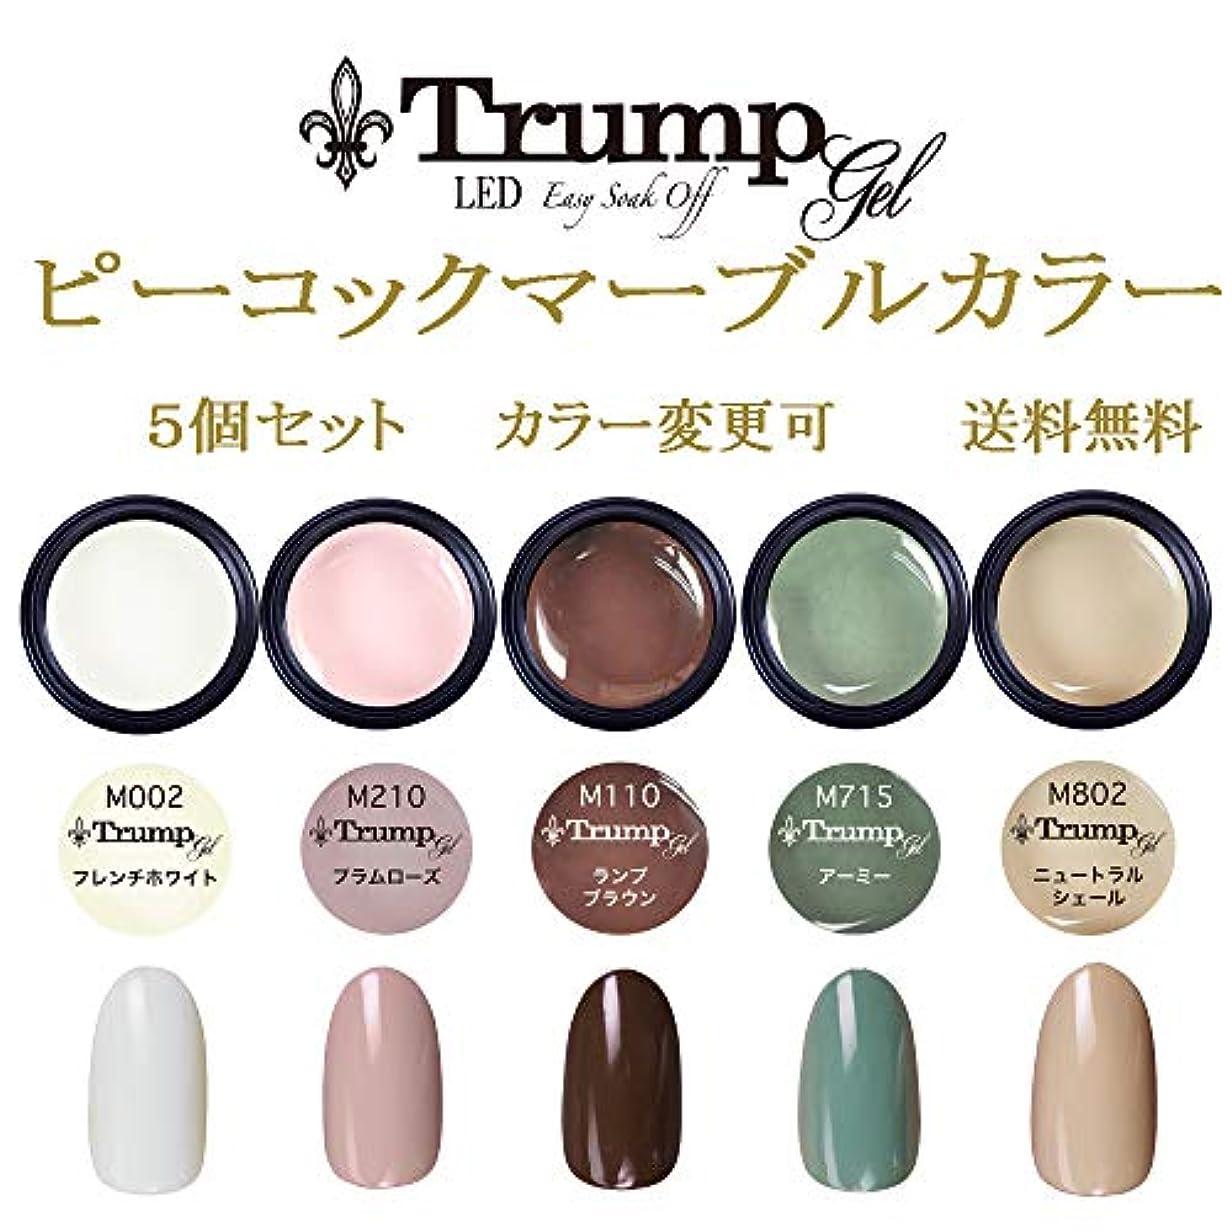 セッティング稚魚幹【送料無料】日本製 Trump gel トランプジェル ピーコックマーブル カラージェル 5個セット 魅惑のフロストマットトップとマットに合う人気カラーをチョイス